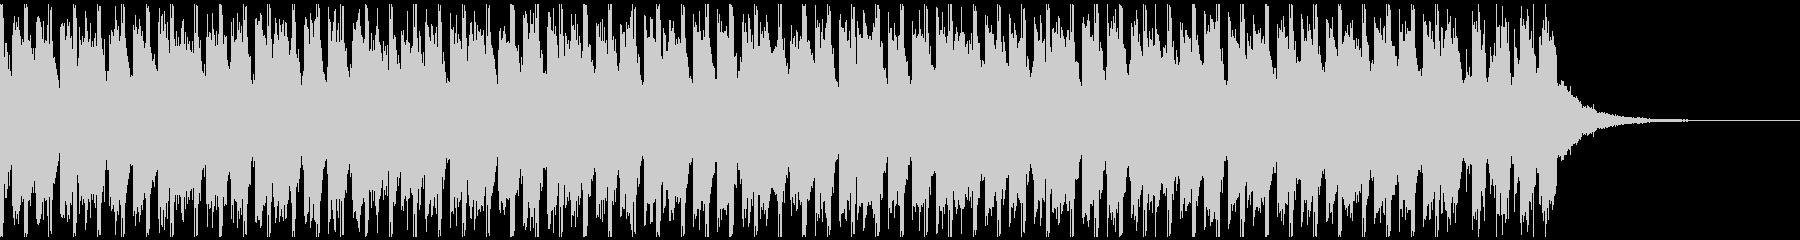 サマーポップ(30秒)の未再生の波形